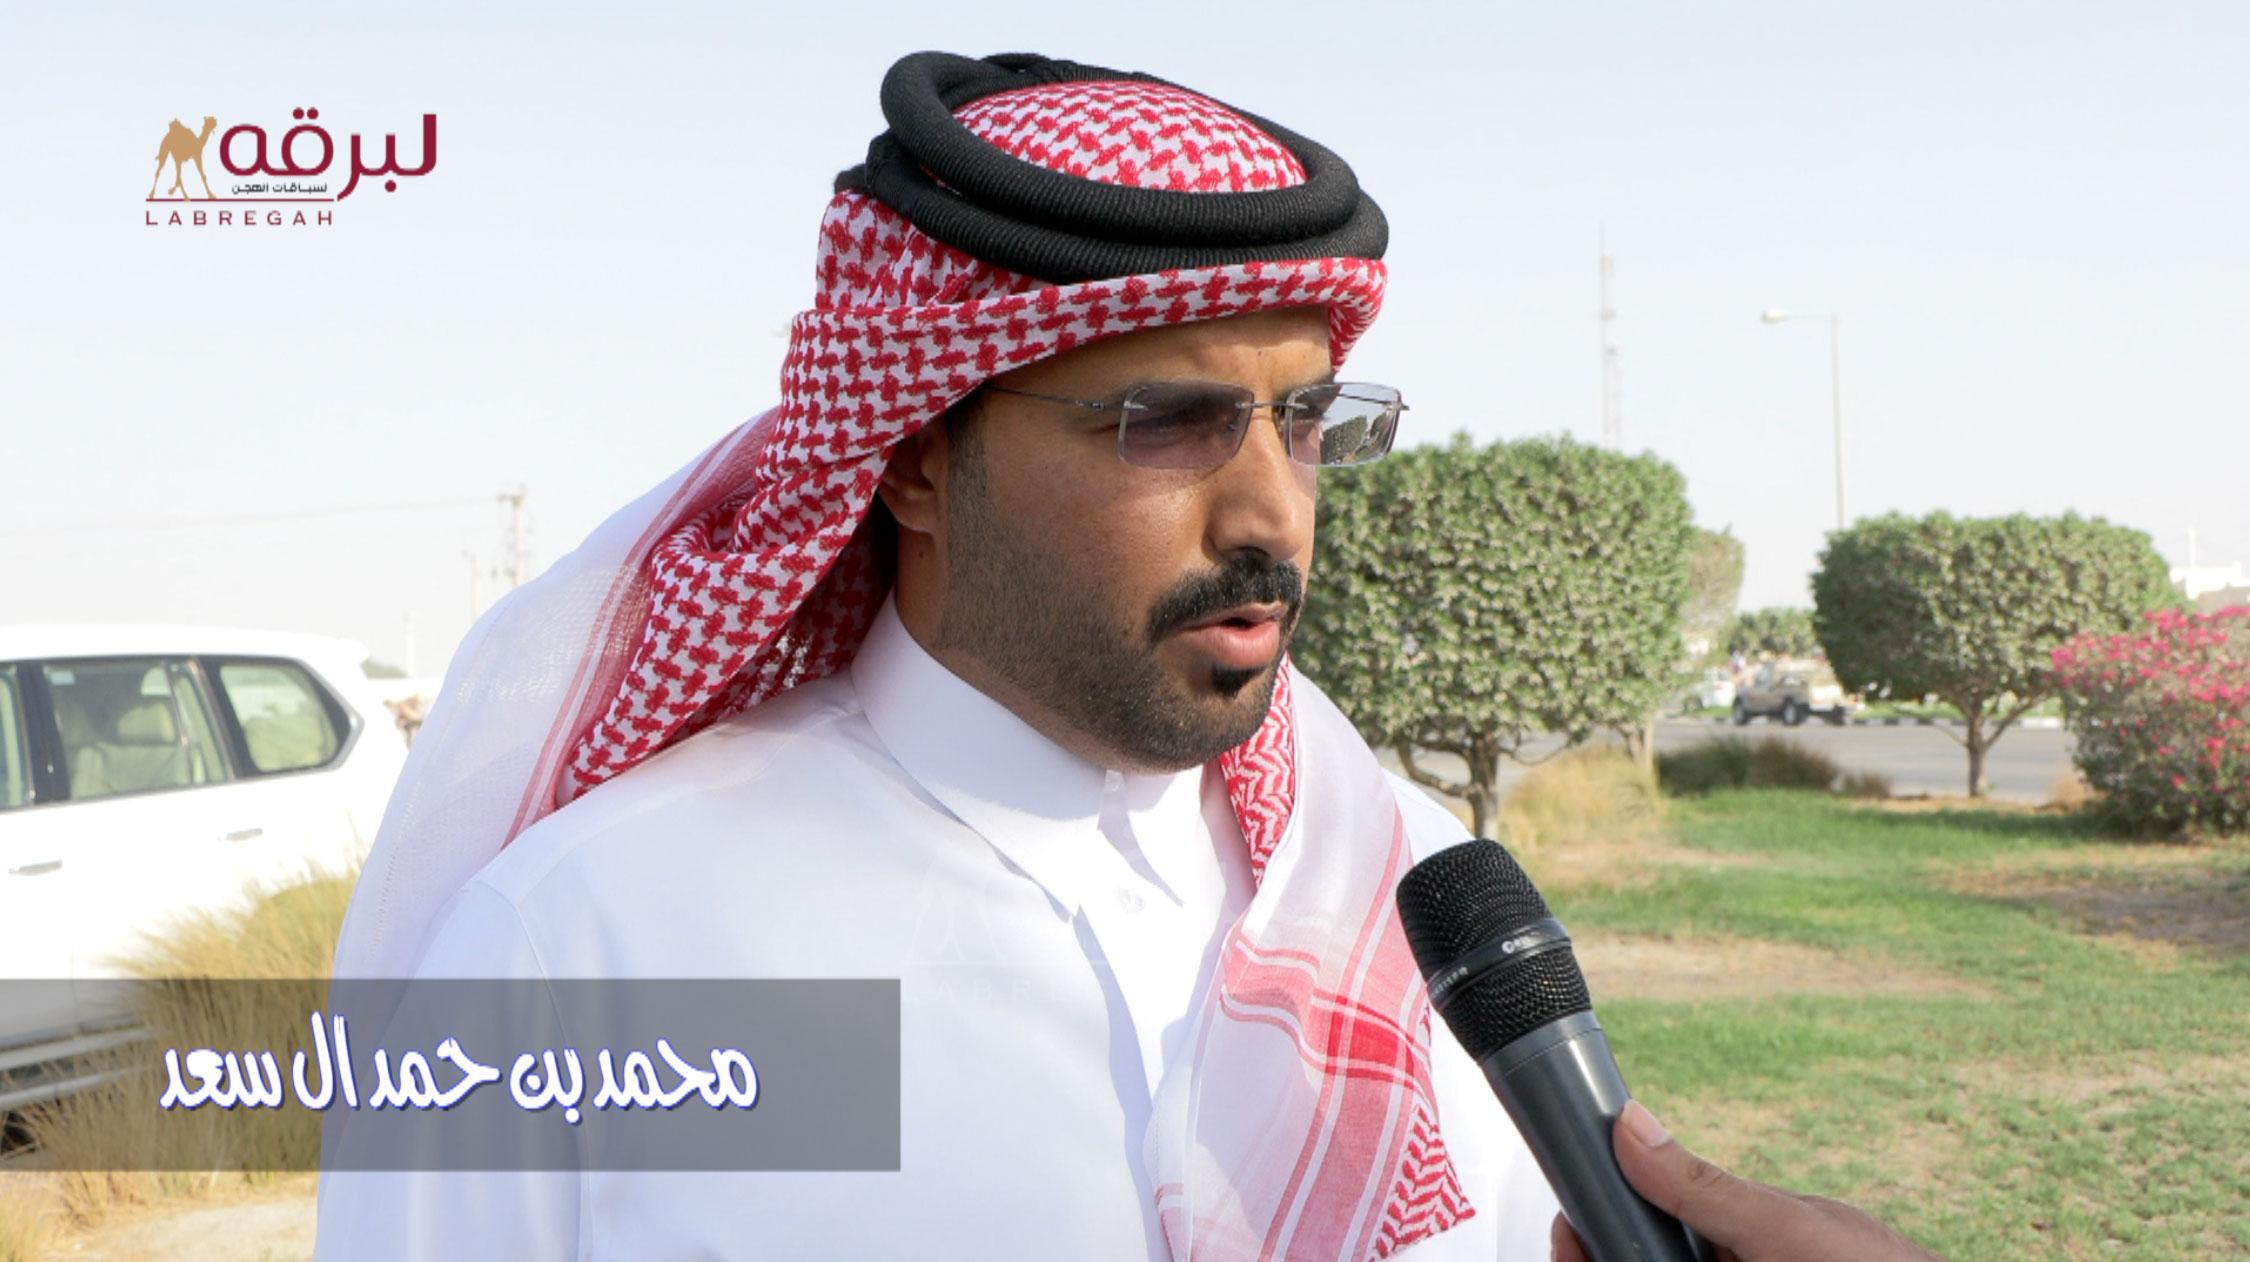 لقاء مع محمد بن حمد ال سعد.. الشوط الرئيسي للثنايا بكار (عمانيات) ميدان الشحانية ١٠-٩-٢٠٢١